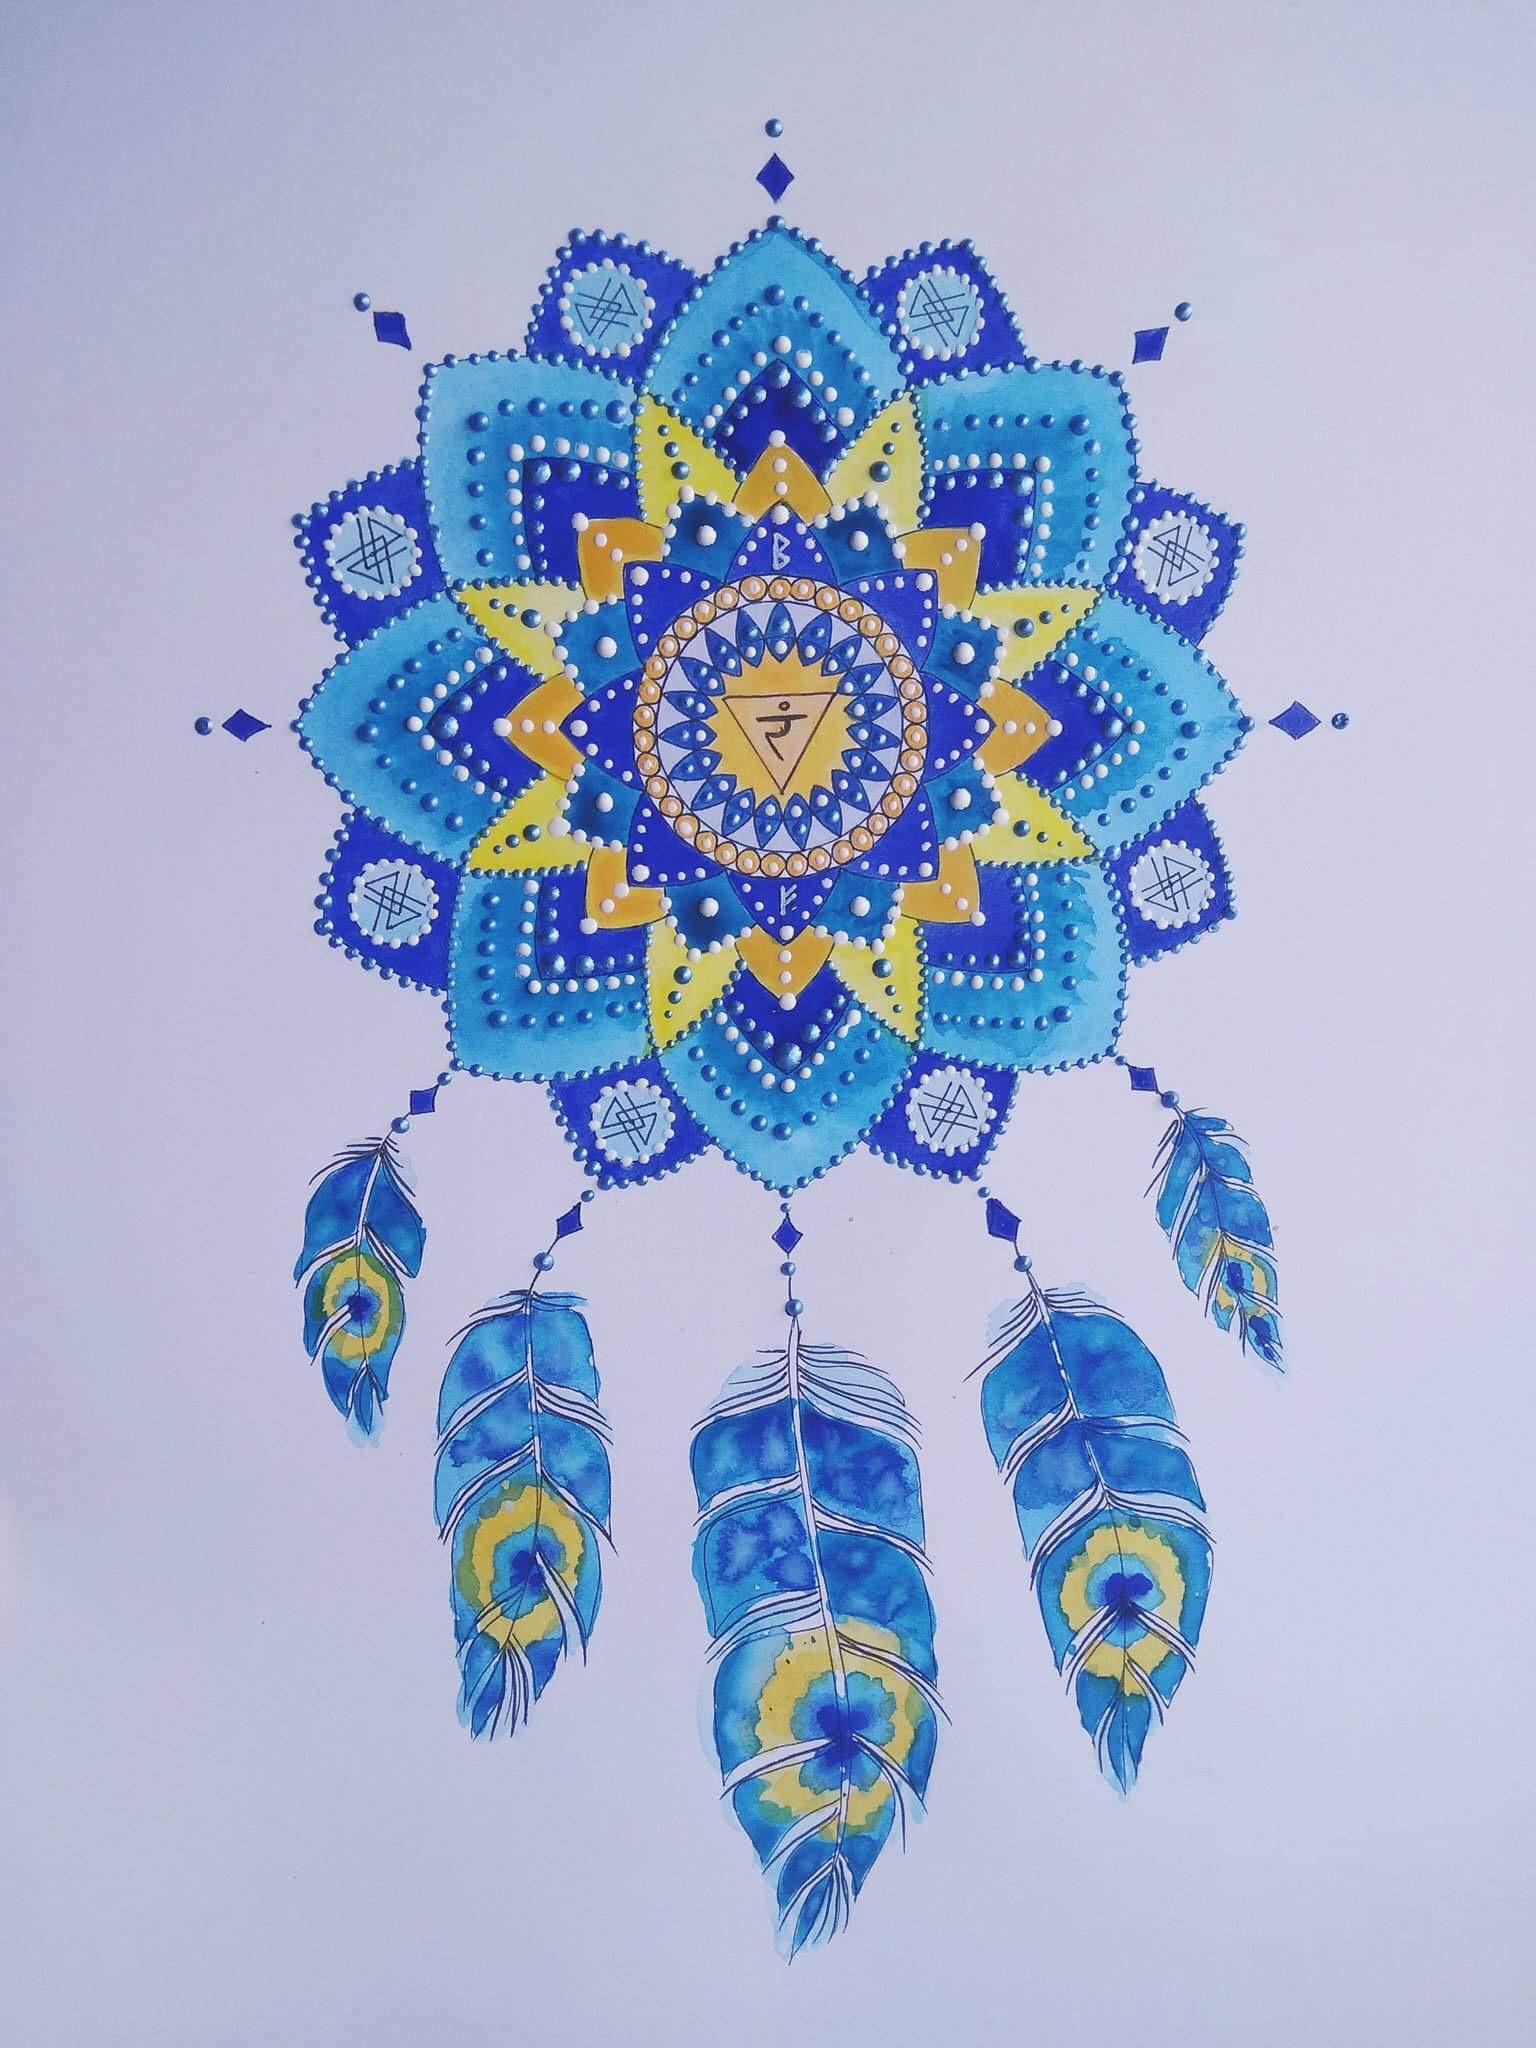 мандала голубая